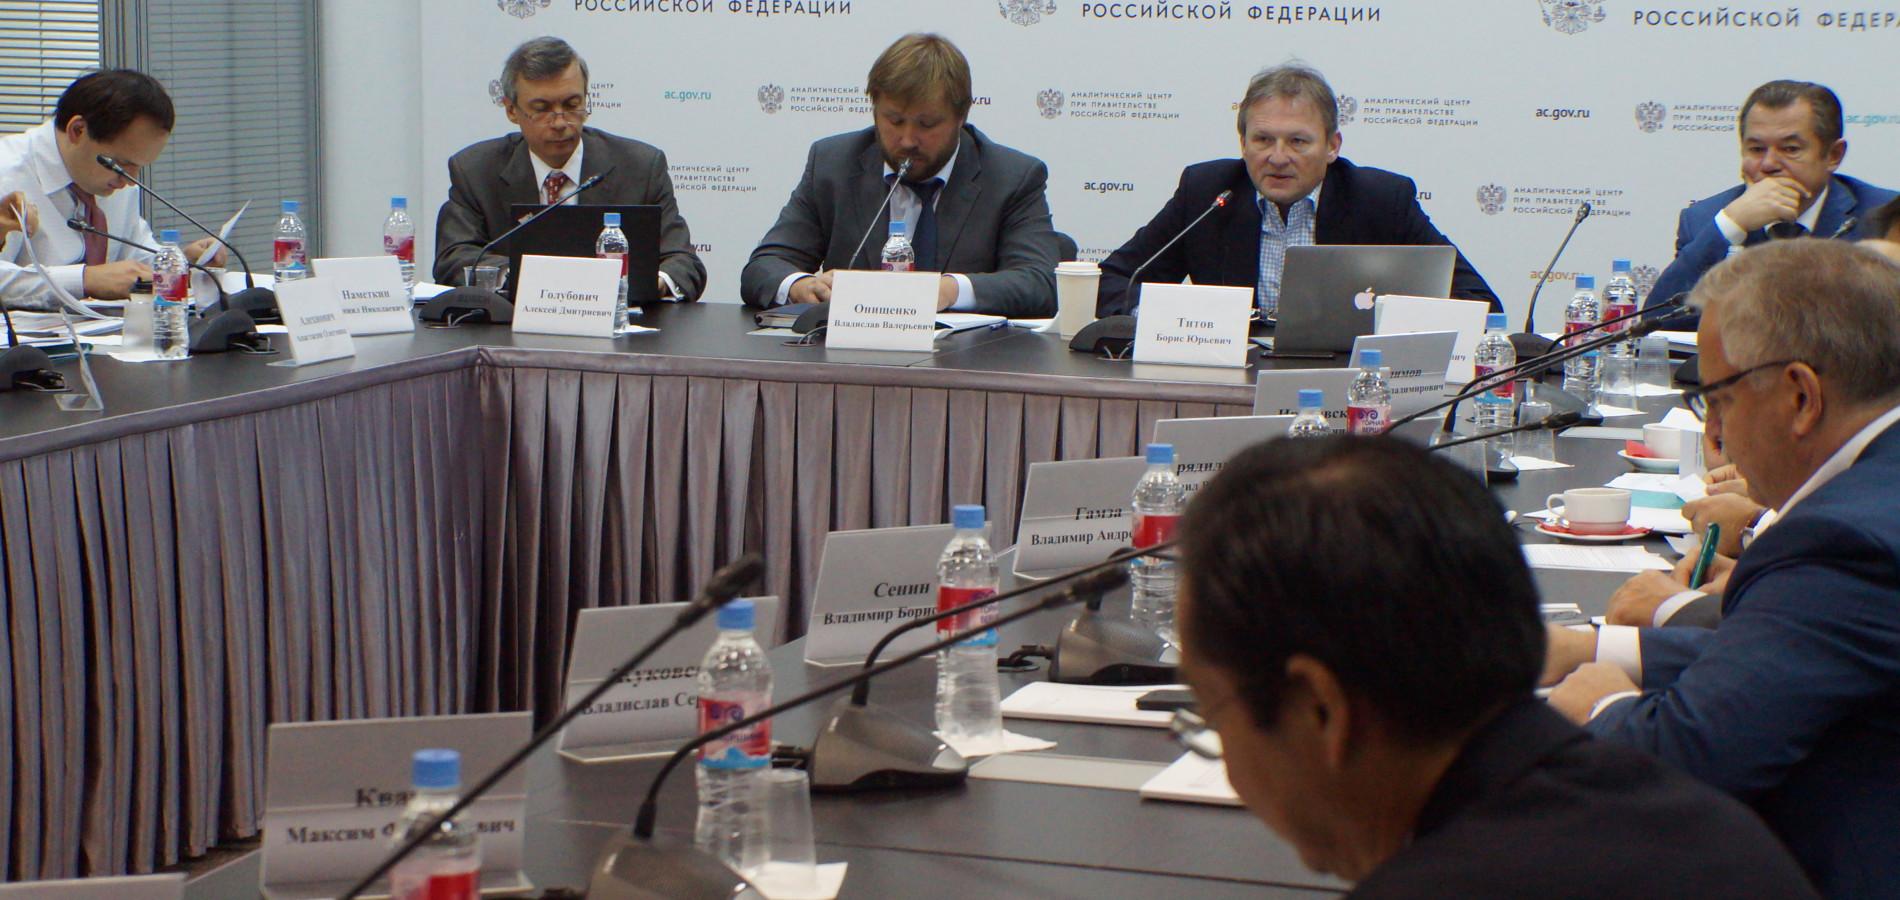 Столыпинский клуб представил доклад «Экономика роста»